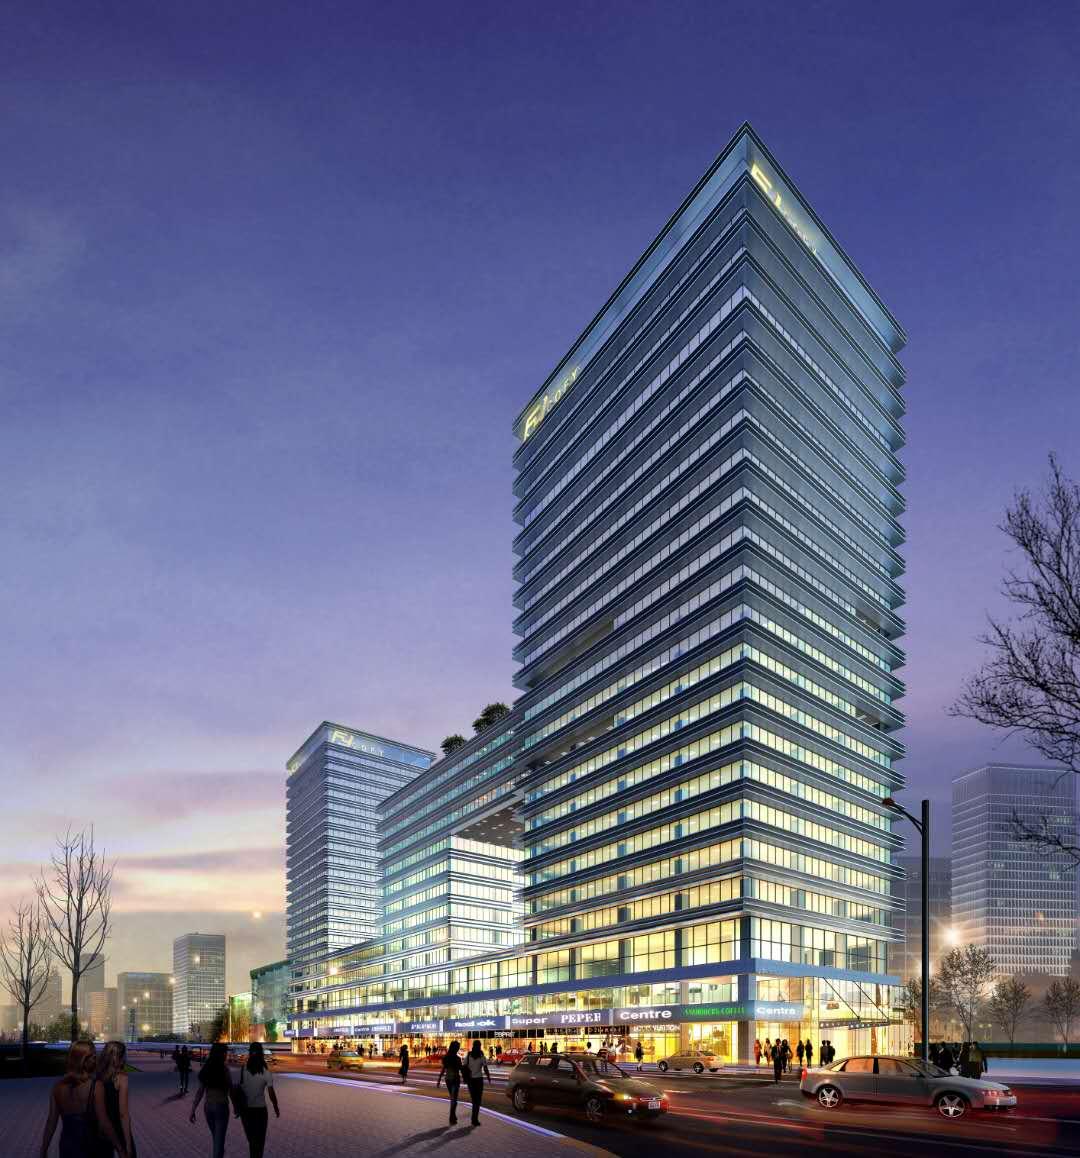 重庆大学城教育科技促进中心幕墙及室外环境工程2